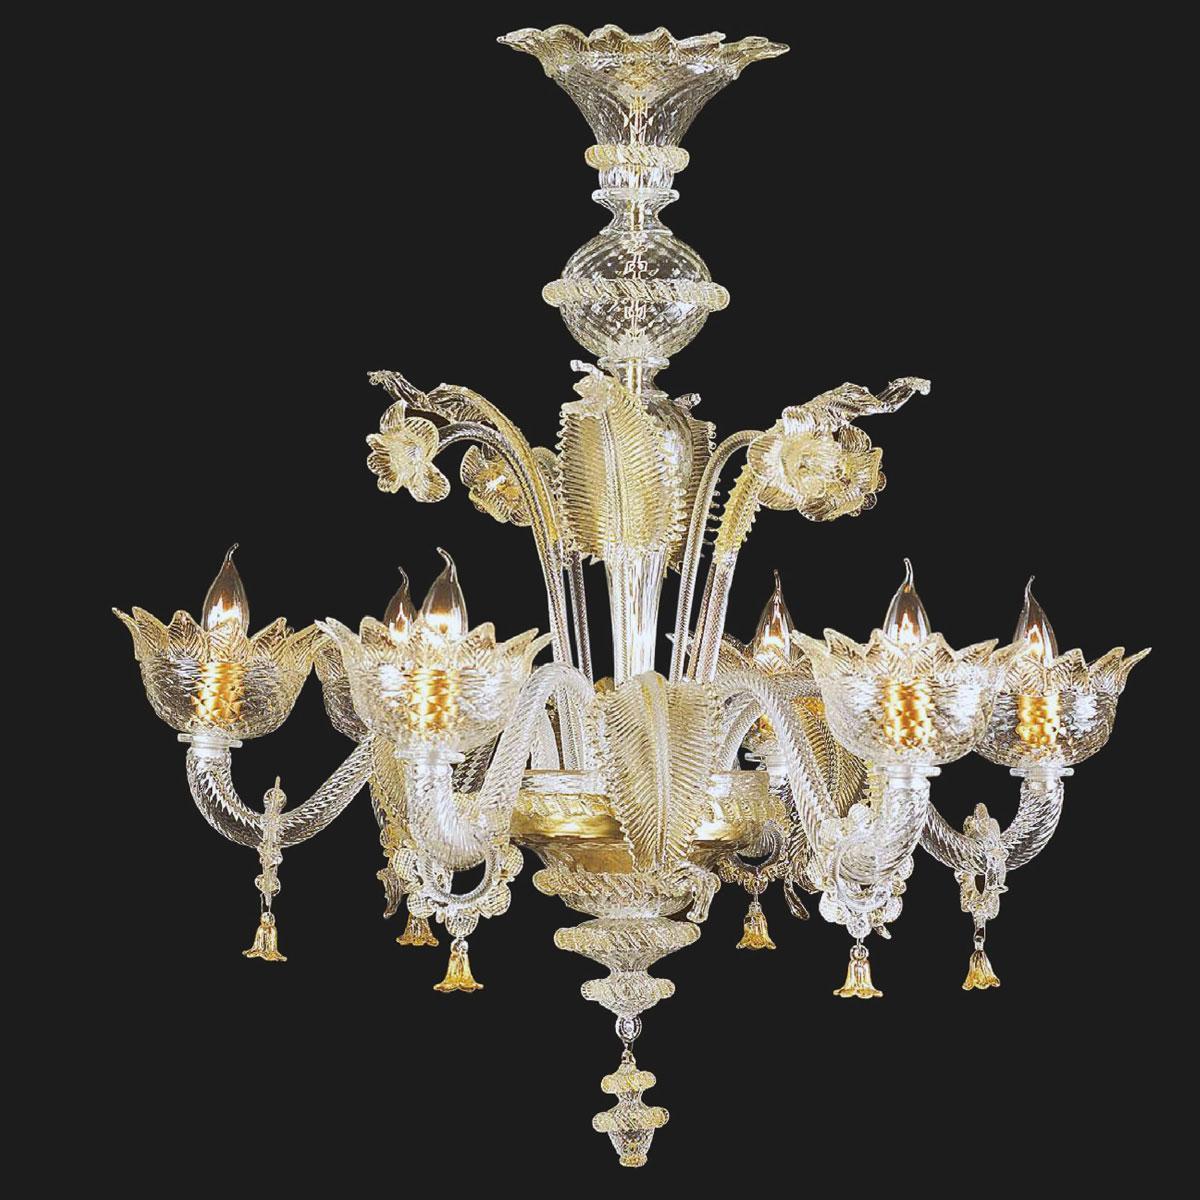 """""""Zoraida"""" lampara de araña de Murano - 6 luces - transparente y oro"""